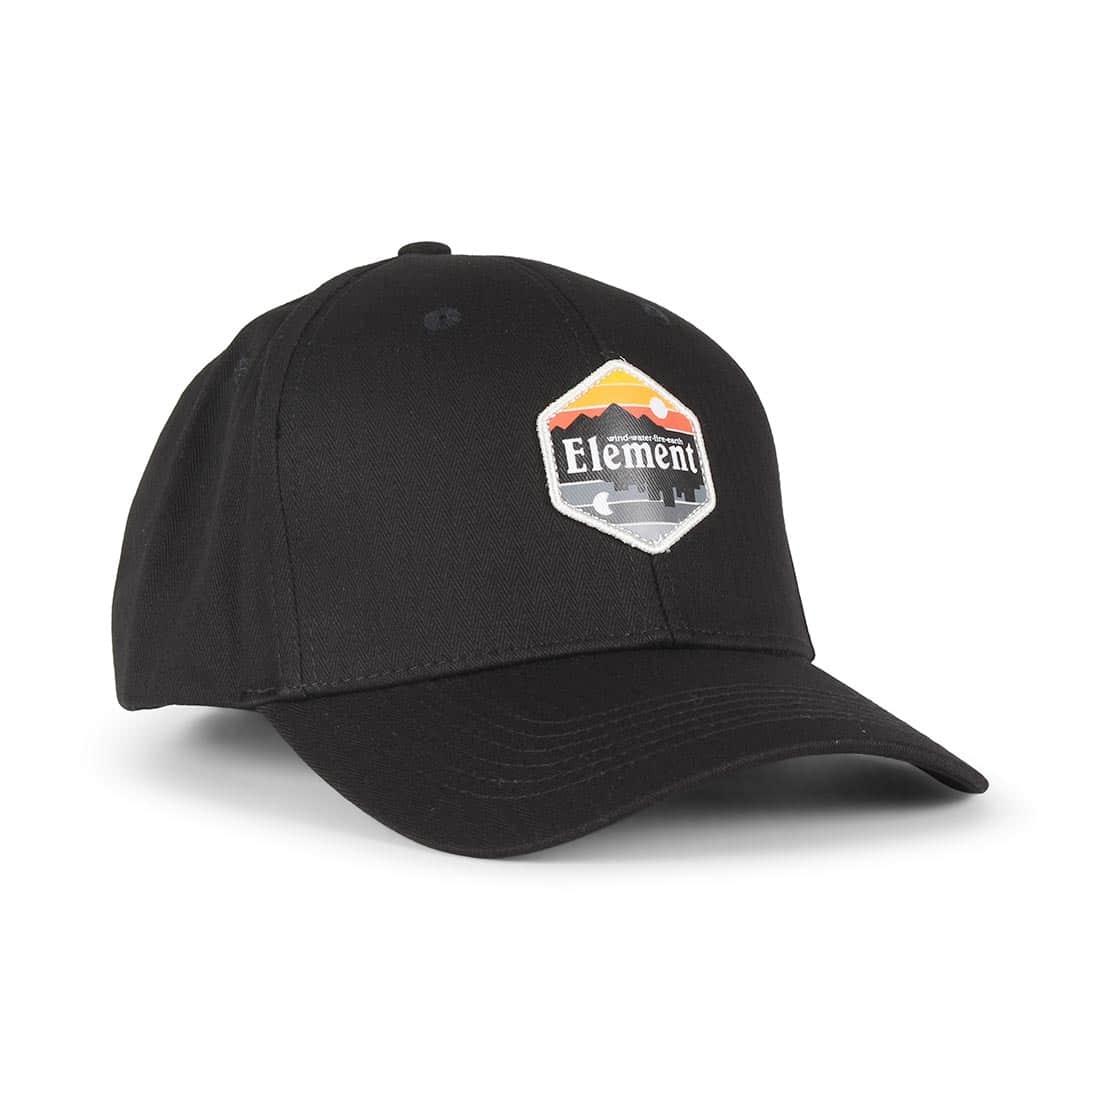 42fa7eda61b Element Camp II Snapback Cap - Original Black